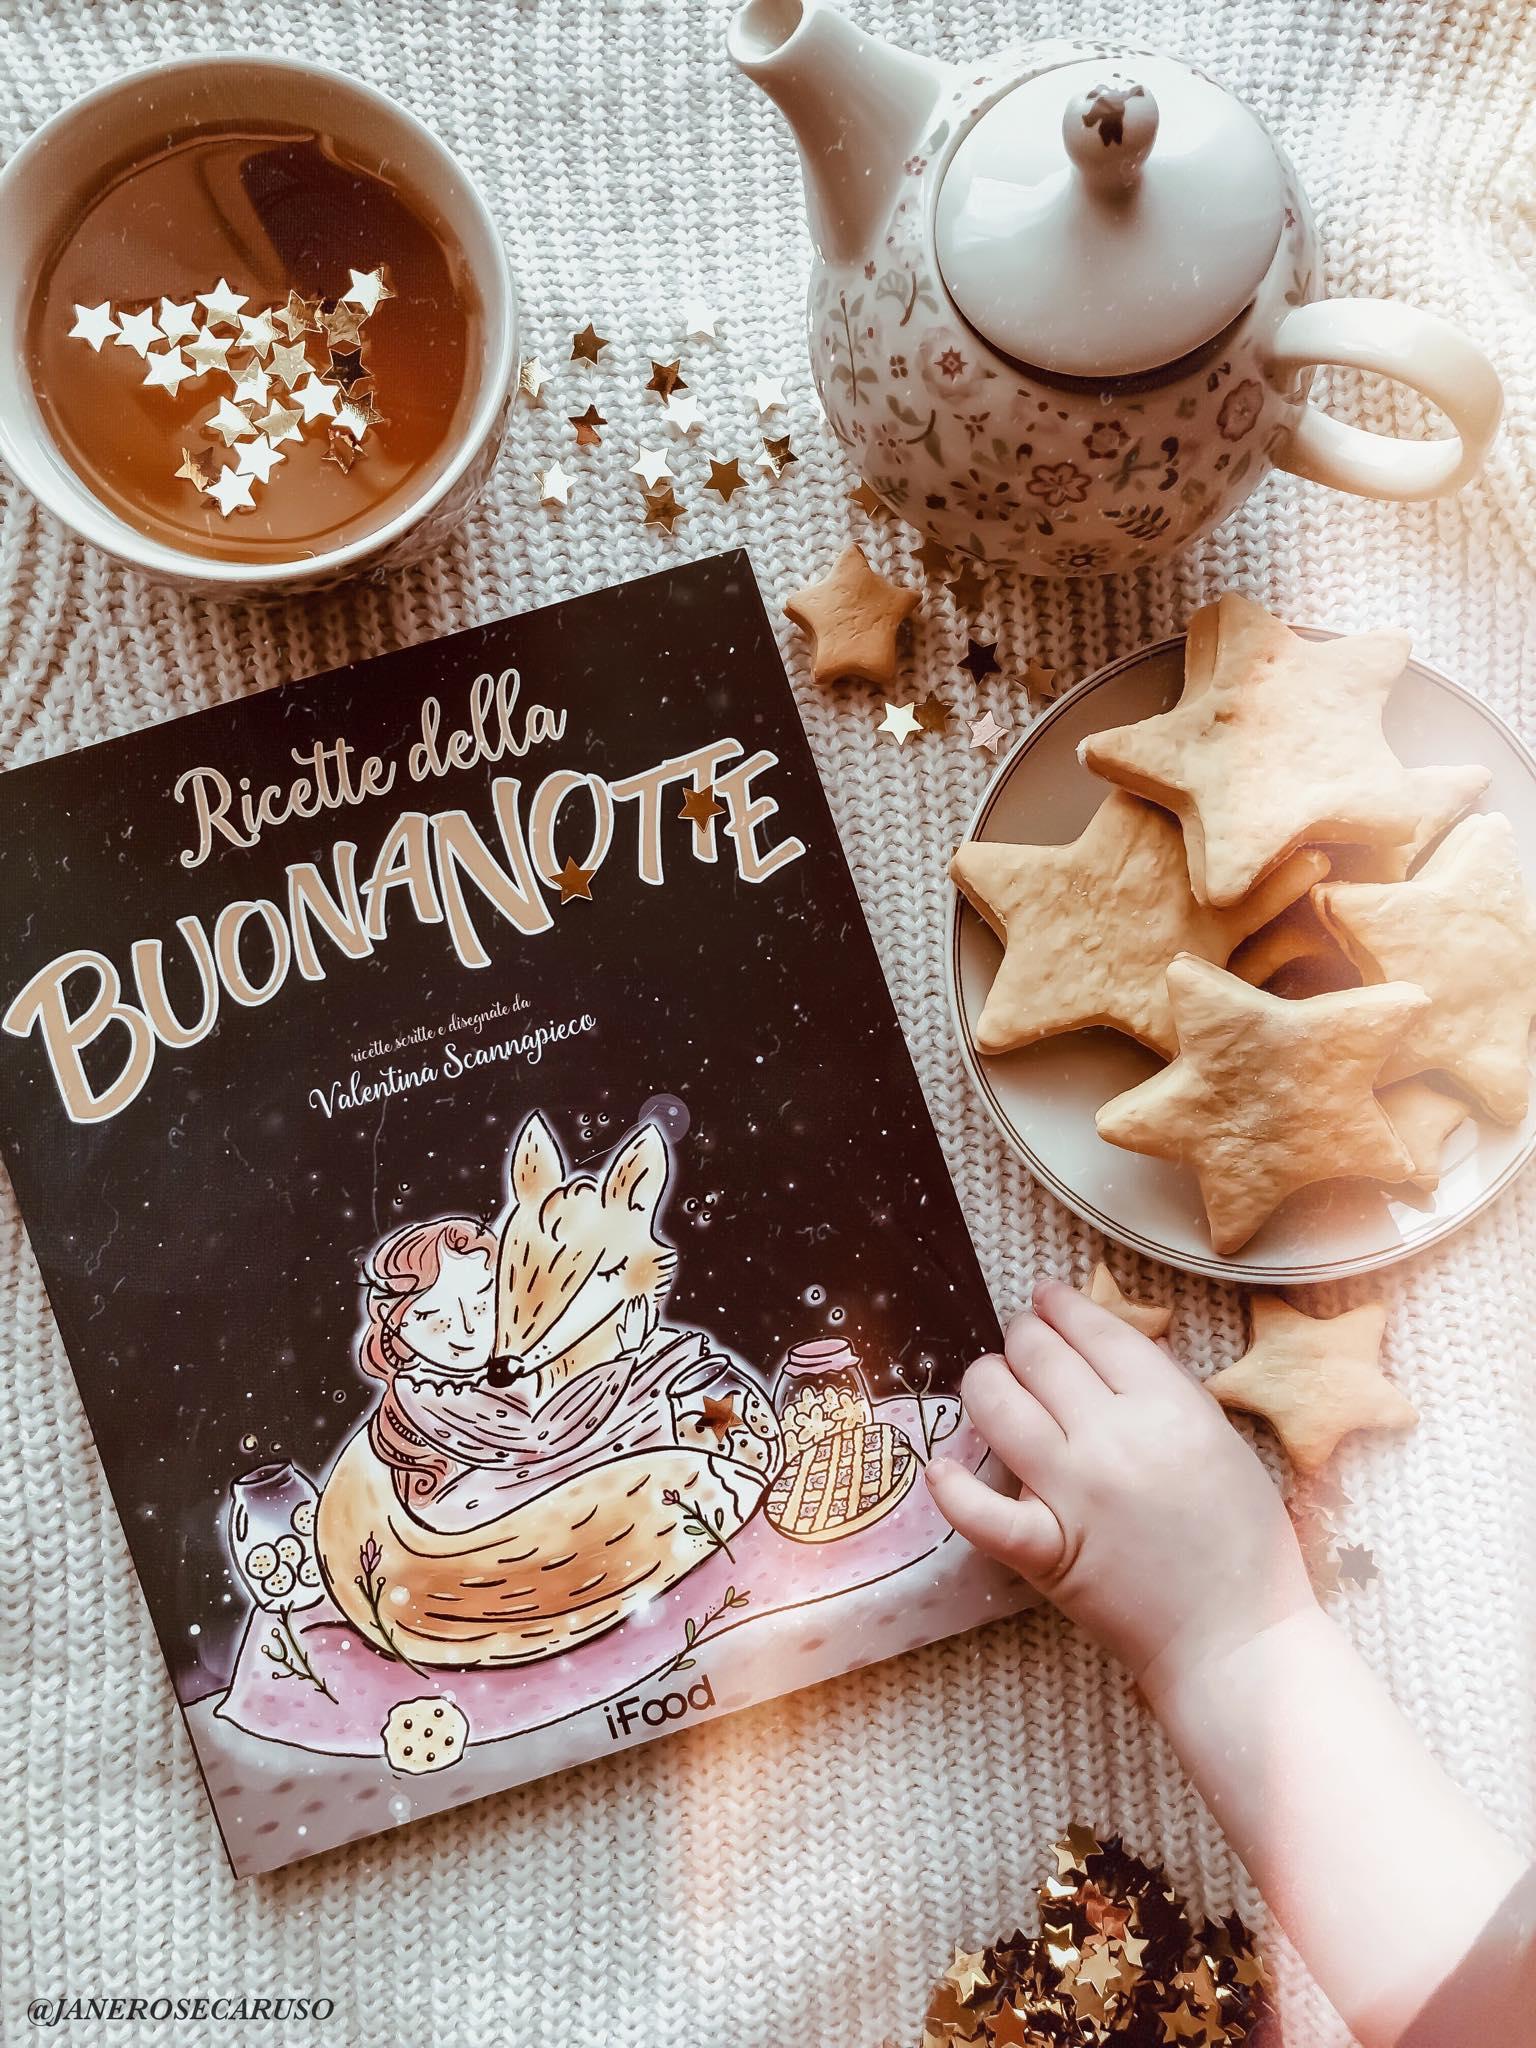 Ricette Della Buonanotte Di Valentina Scannapieco Mescolate